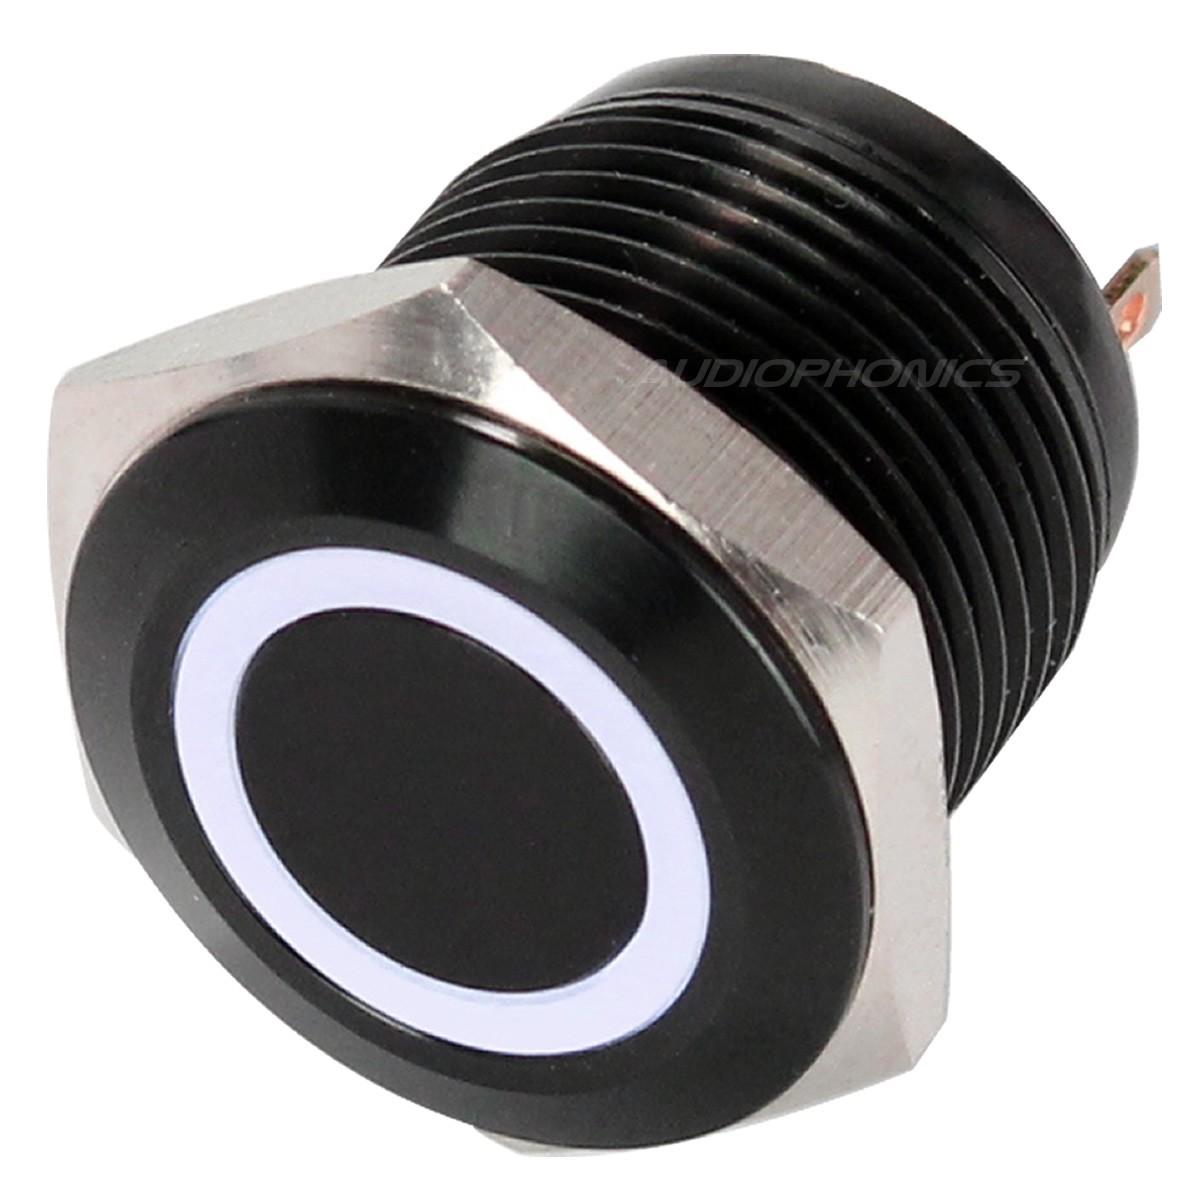 Bouton Poussoir Aluminium Anodisé avec Cercle Lumineux Blanc 1NO 250V 5A Ø16mm Noir